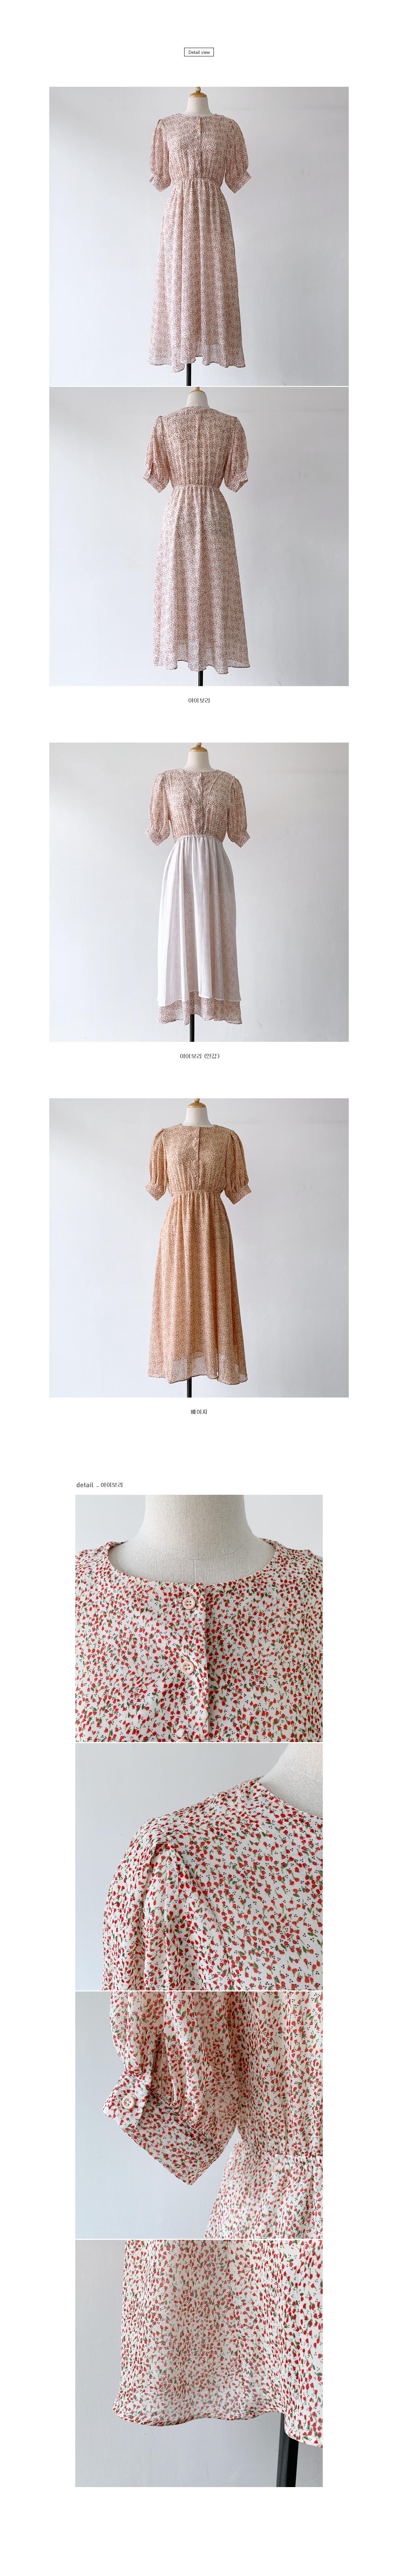 Darby Flower Long Dress